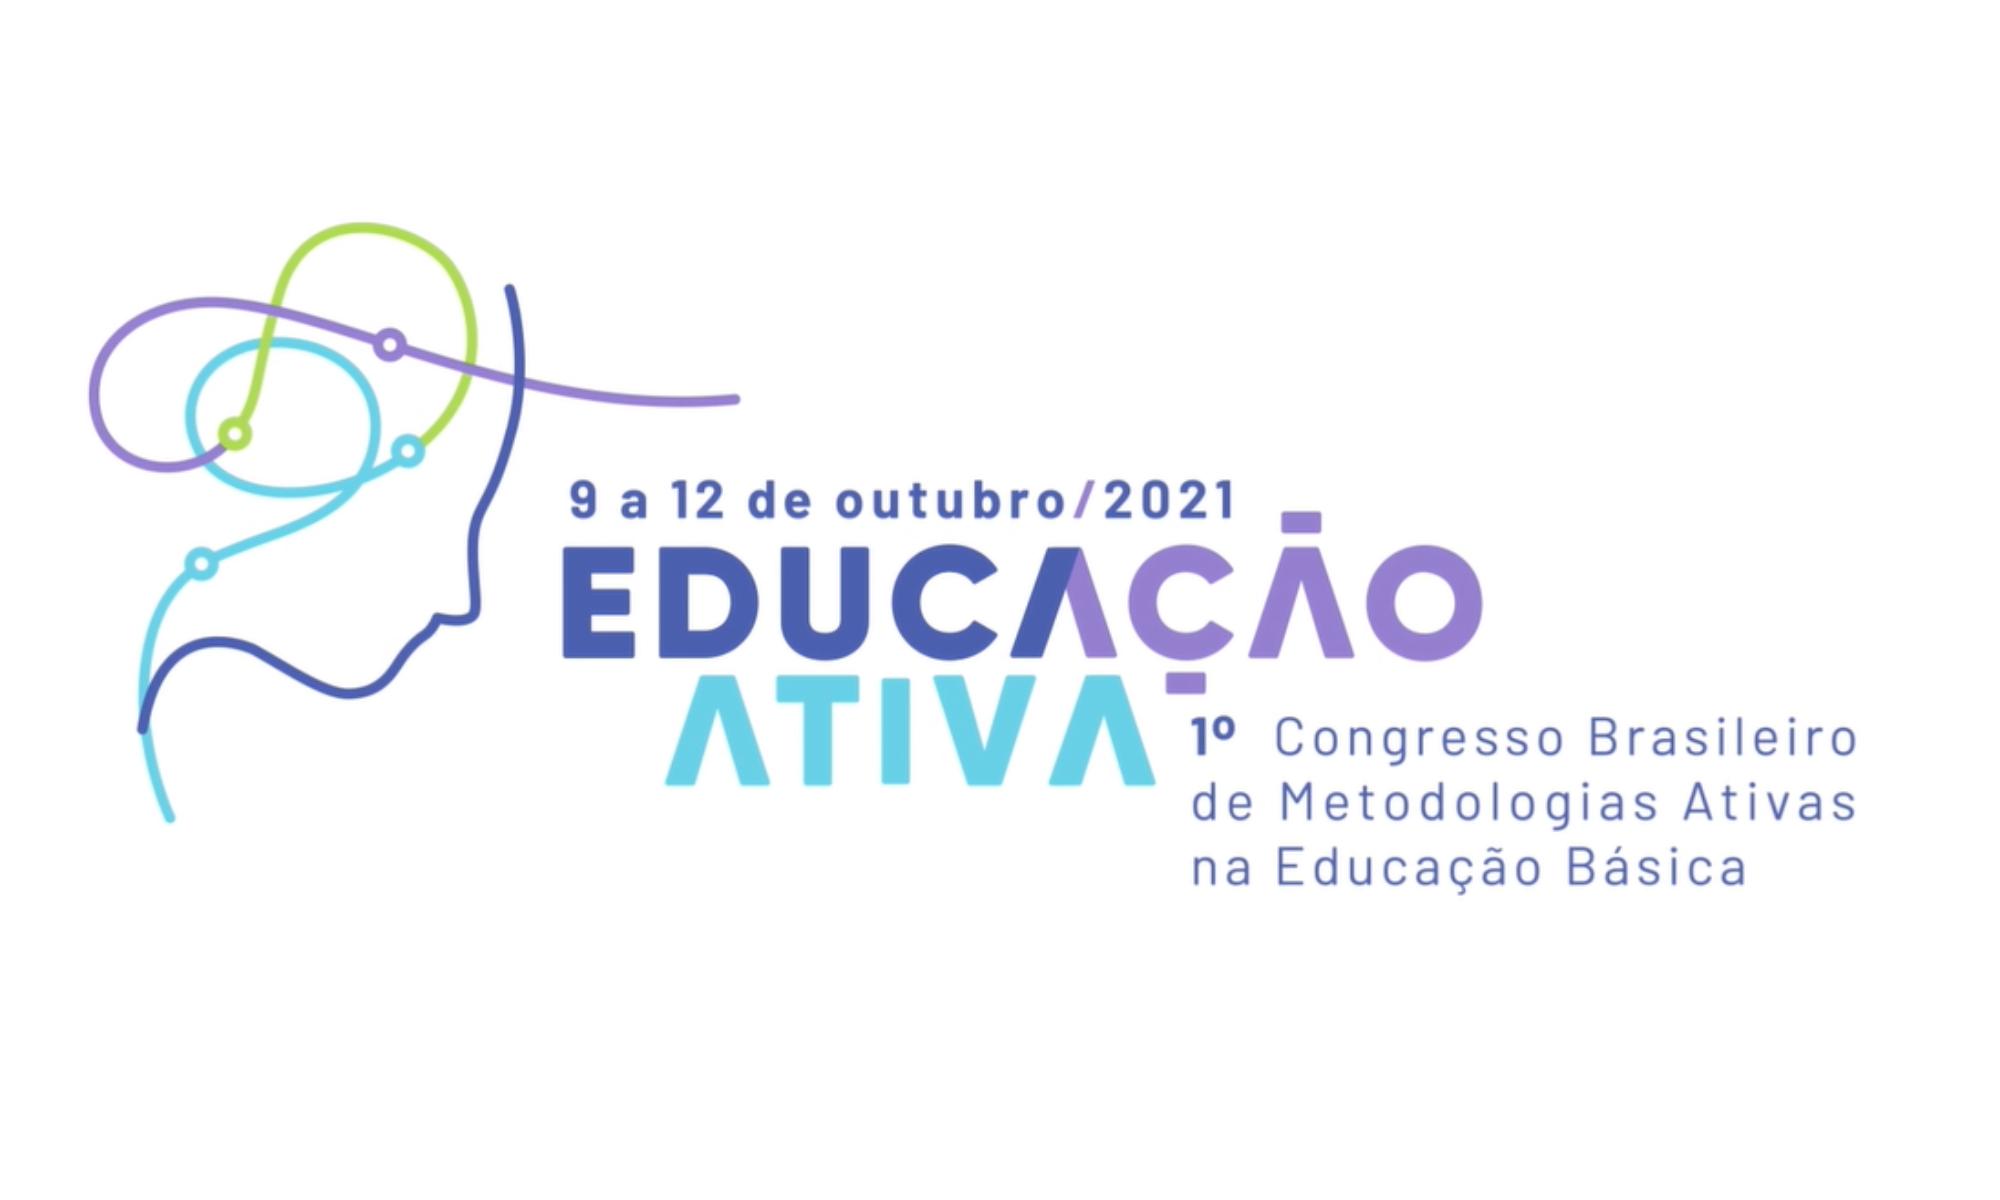 Educação Ativa - 1º Congresso Brasileiro de Metodologias Ativas na Educação Básica